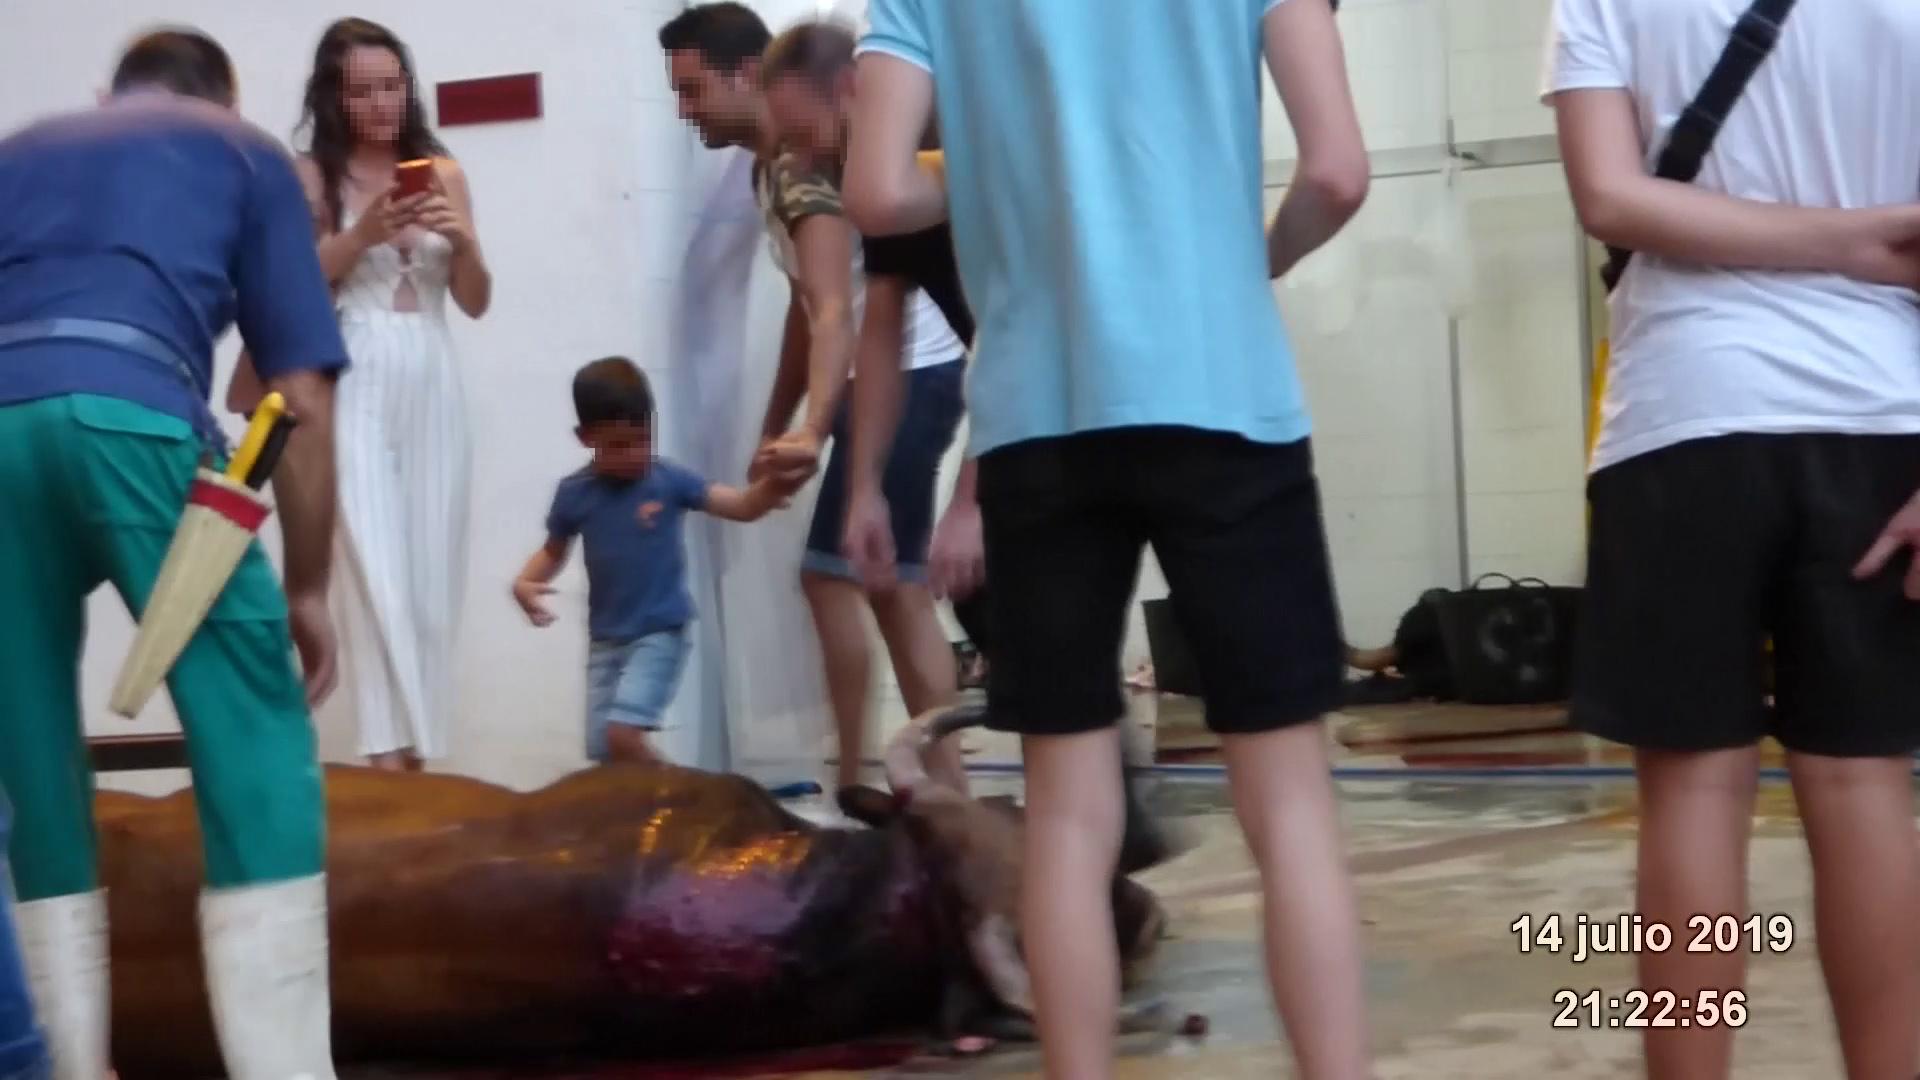 PACMA denuncia la desprotecció dels menors per la inacció de la conselleria d'Oltra